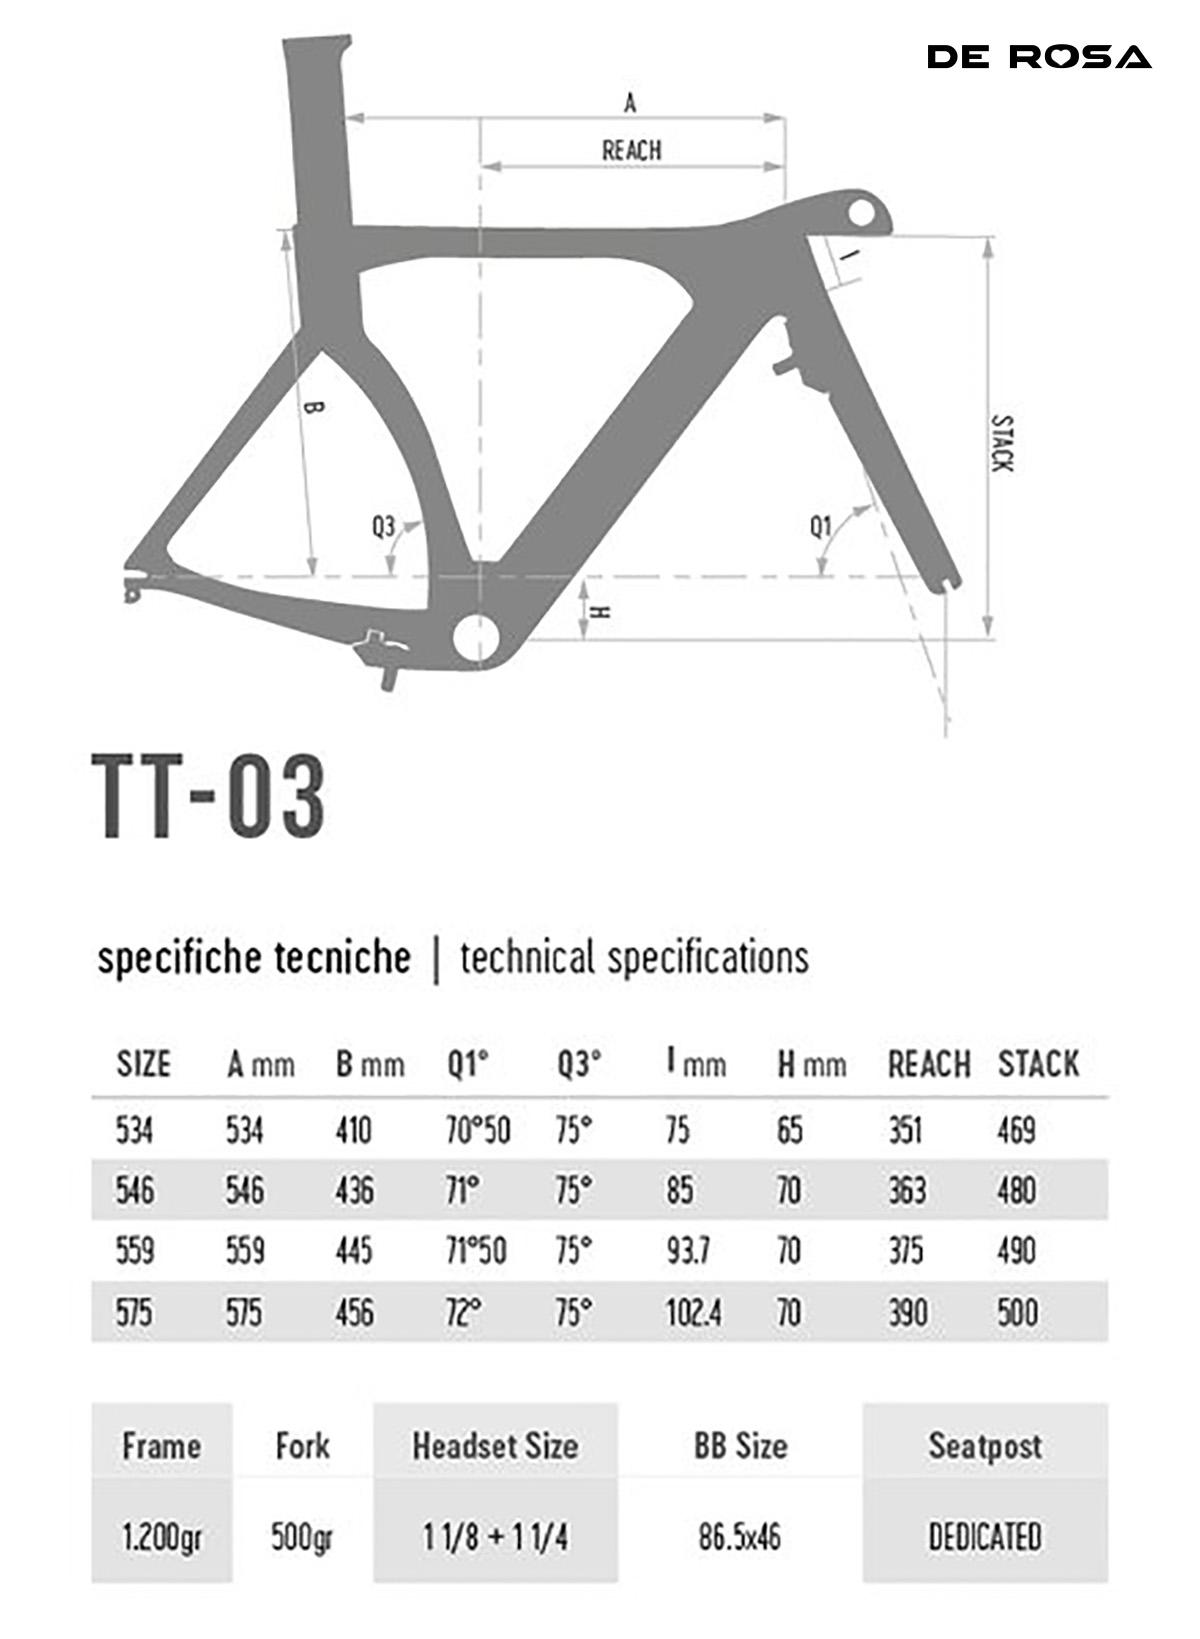 Tabella e disegno con le geometrie della bicicletta De Rosa TT-03